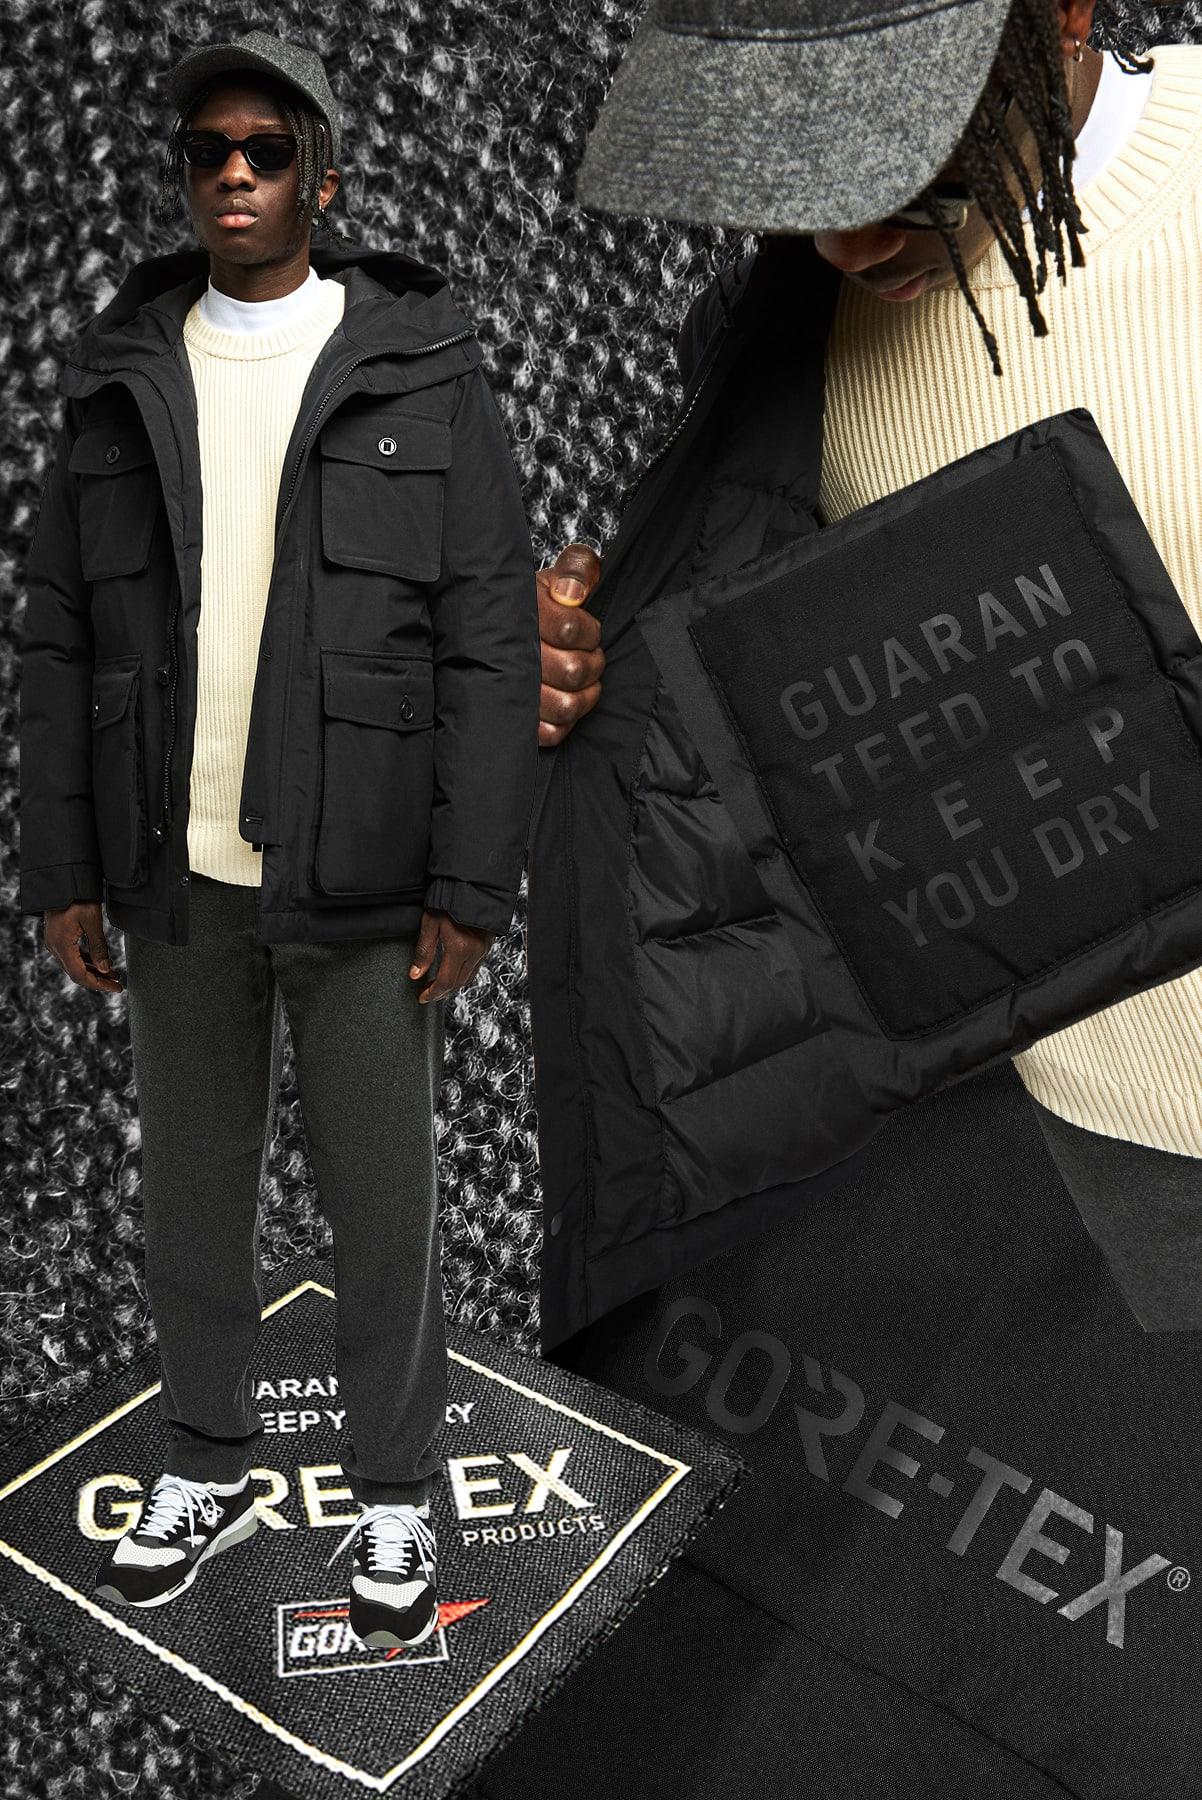 NN07 Goff Gore-Tex Jacket - 2078207792-999